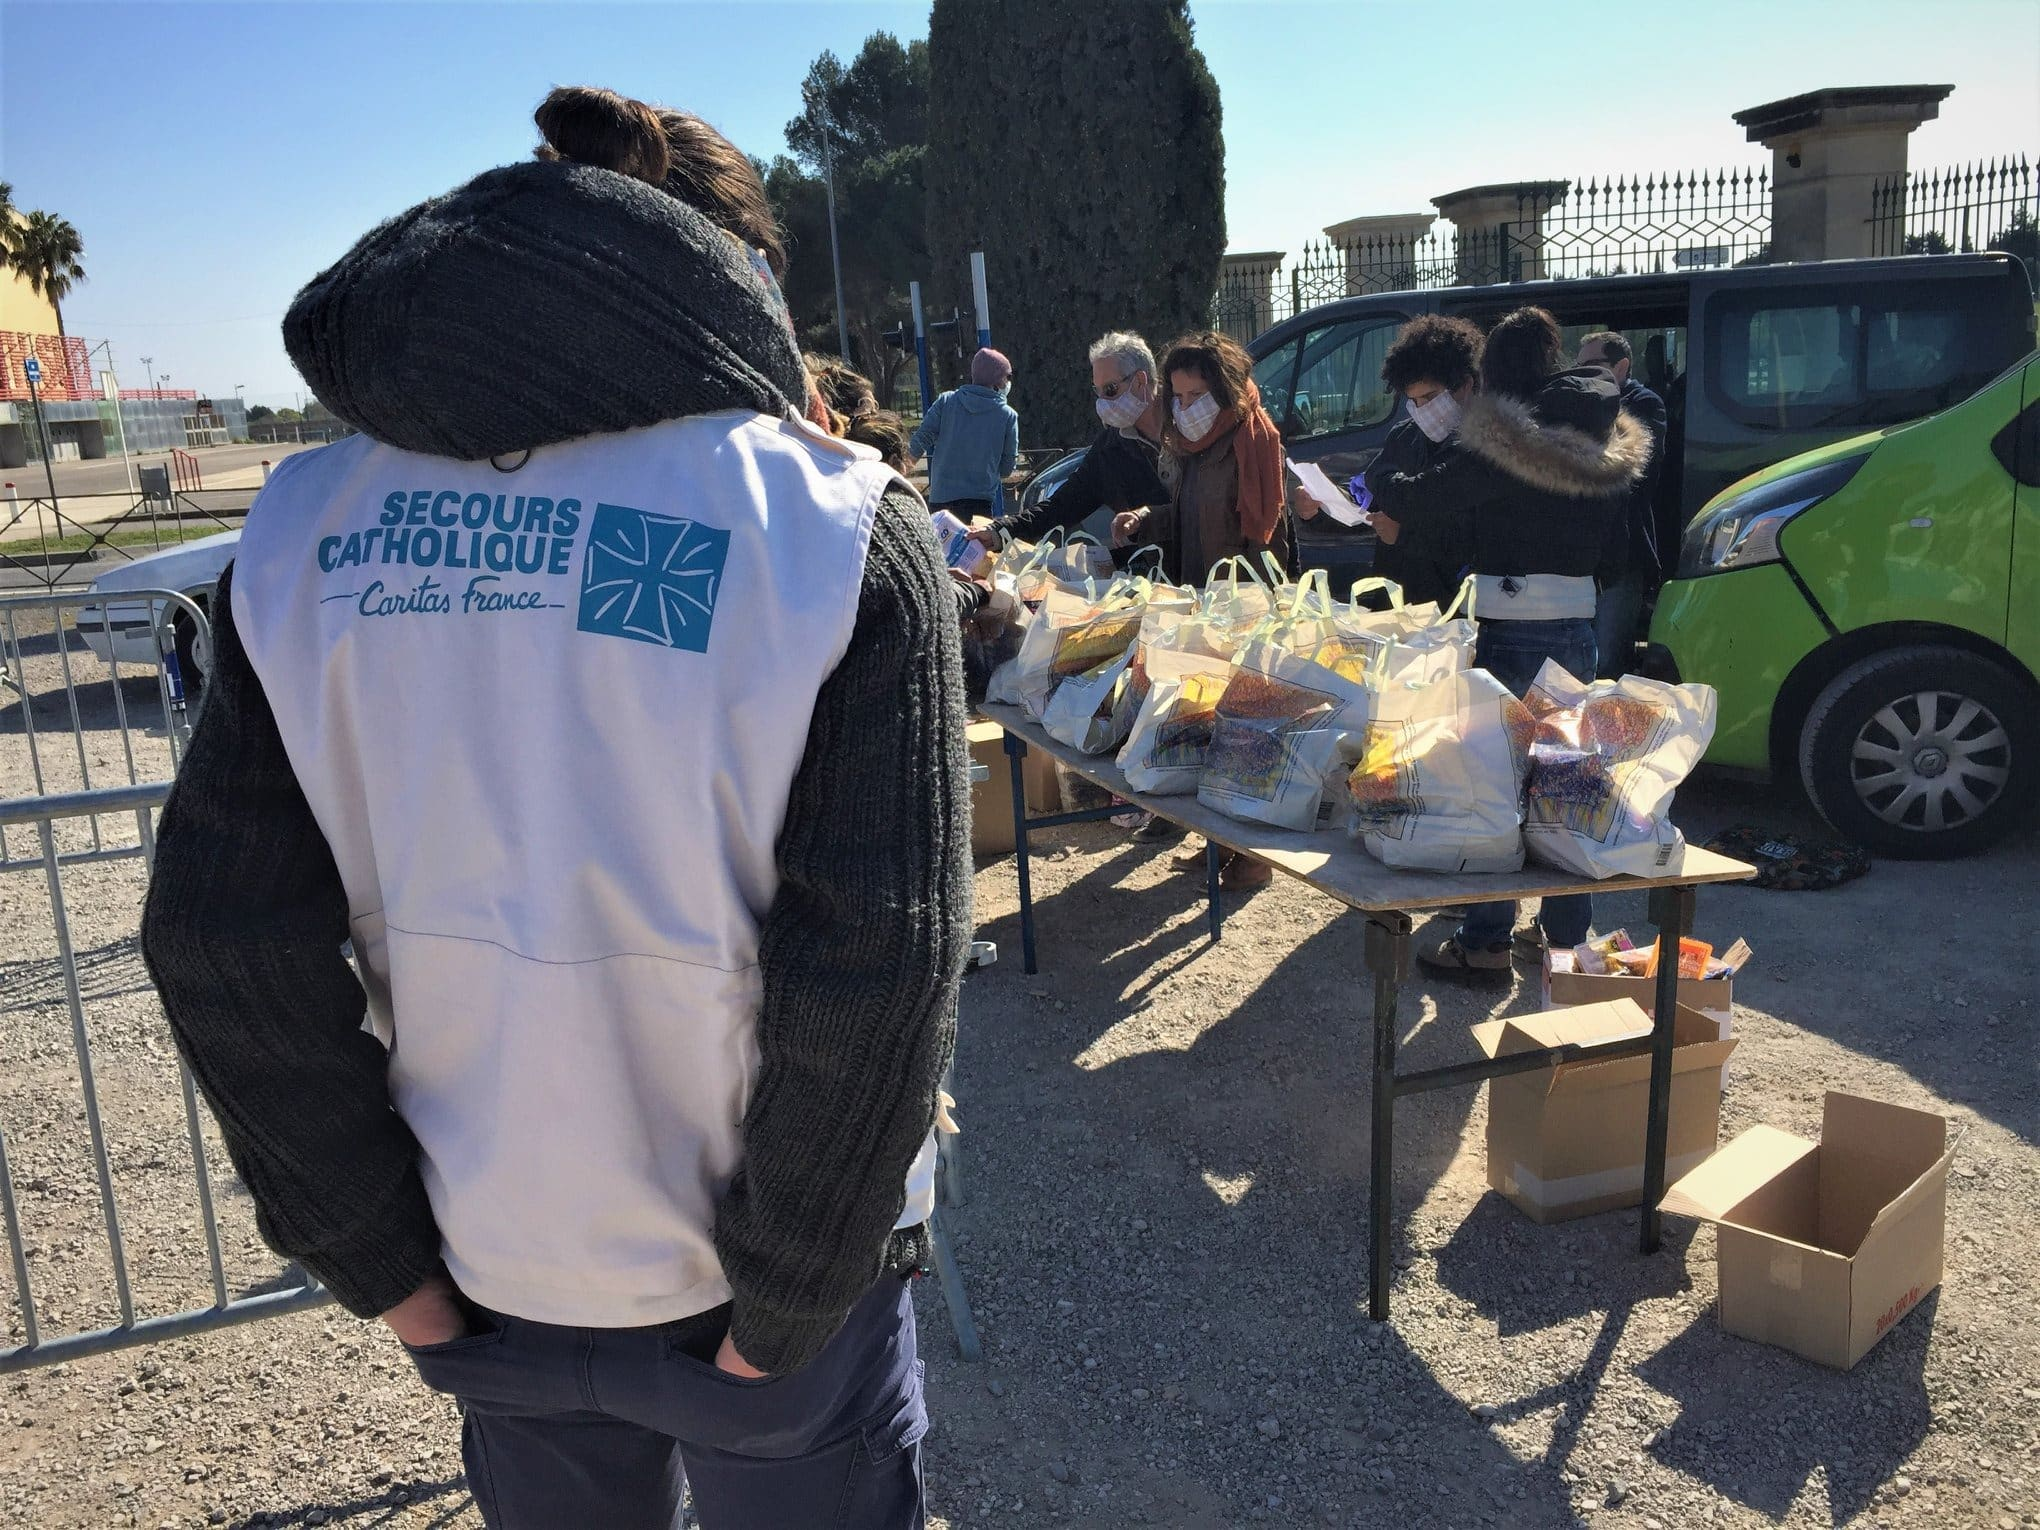 Secours catholique, bénévolat à Montpellier